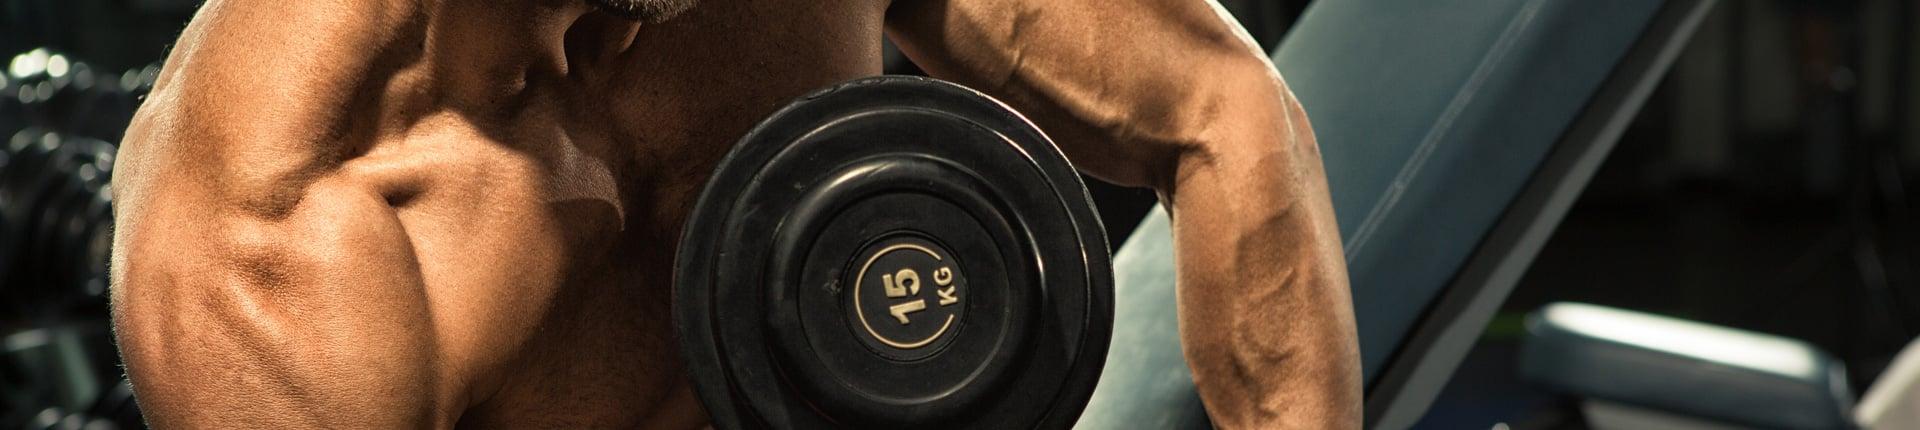 Większa liczba powtórzeń też może budować masę mięśniową